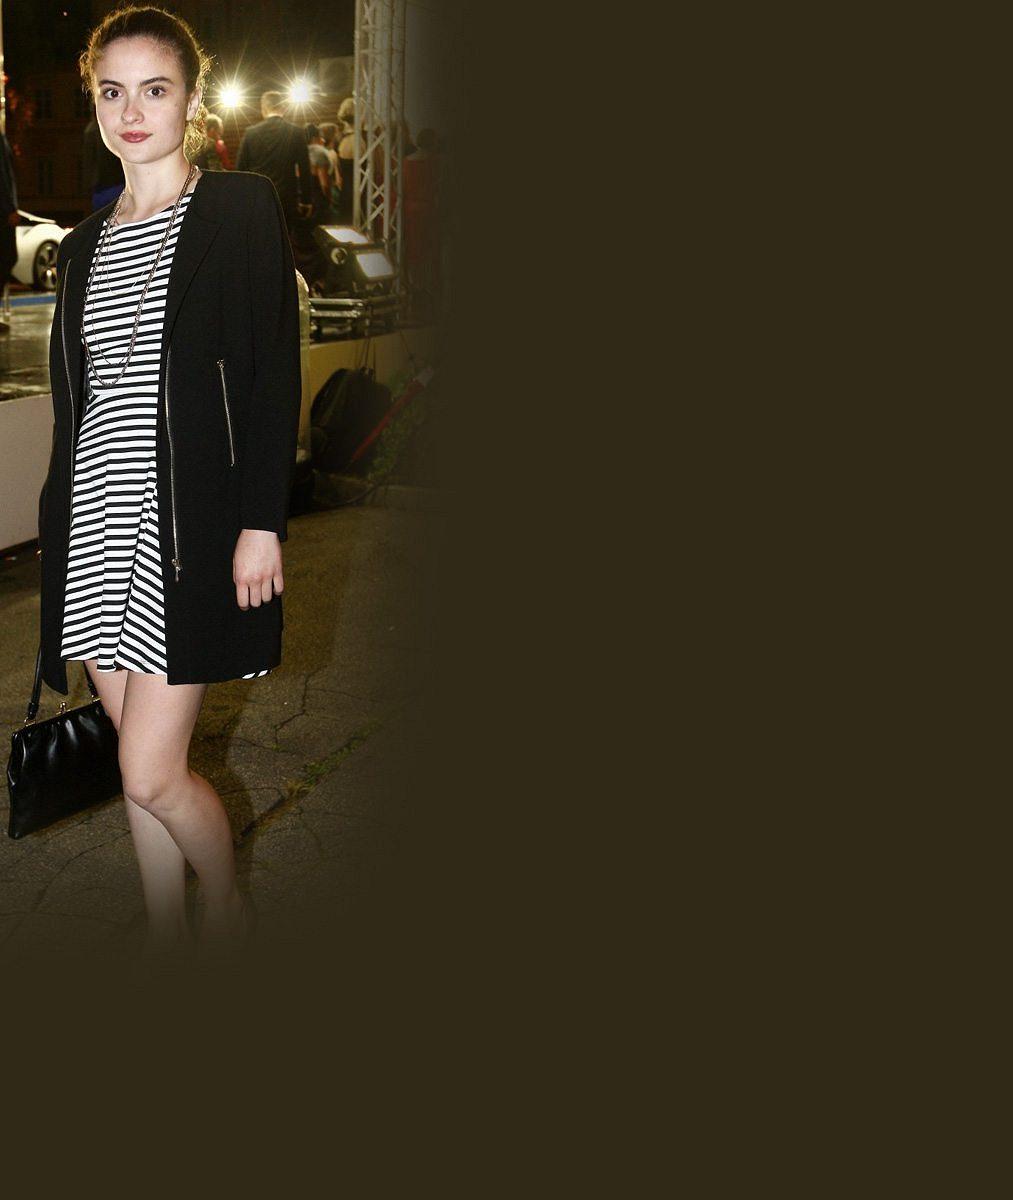 Mádlova holka si užívá luxusu: Na Lvy přišla bez přítele, zato v nejdražším outfitu včetně norka na ramenou